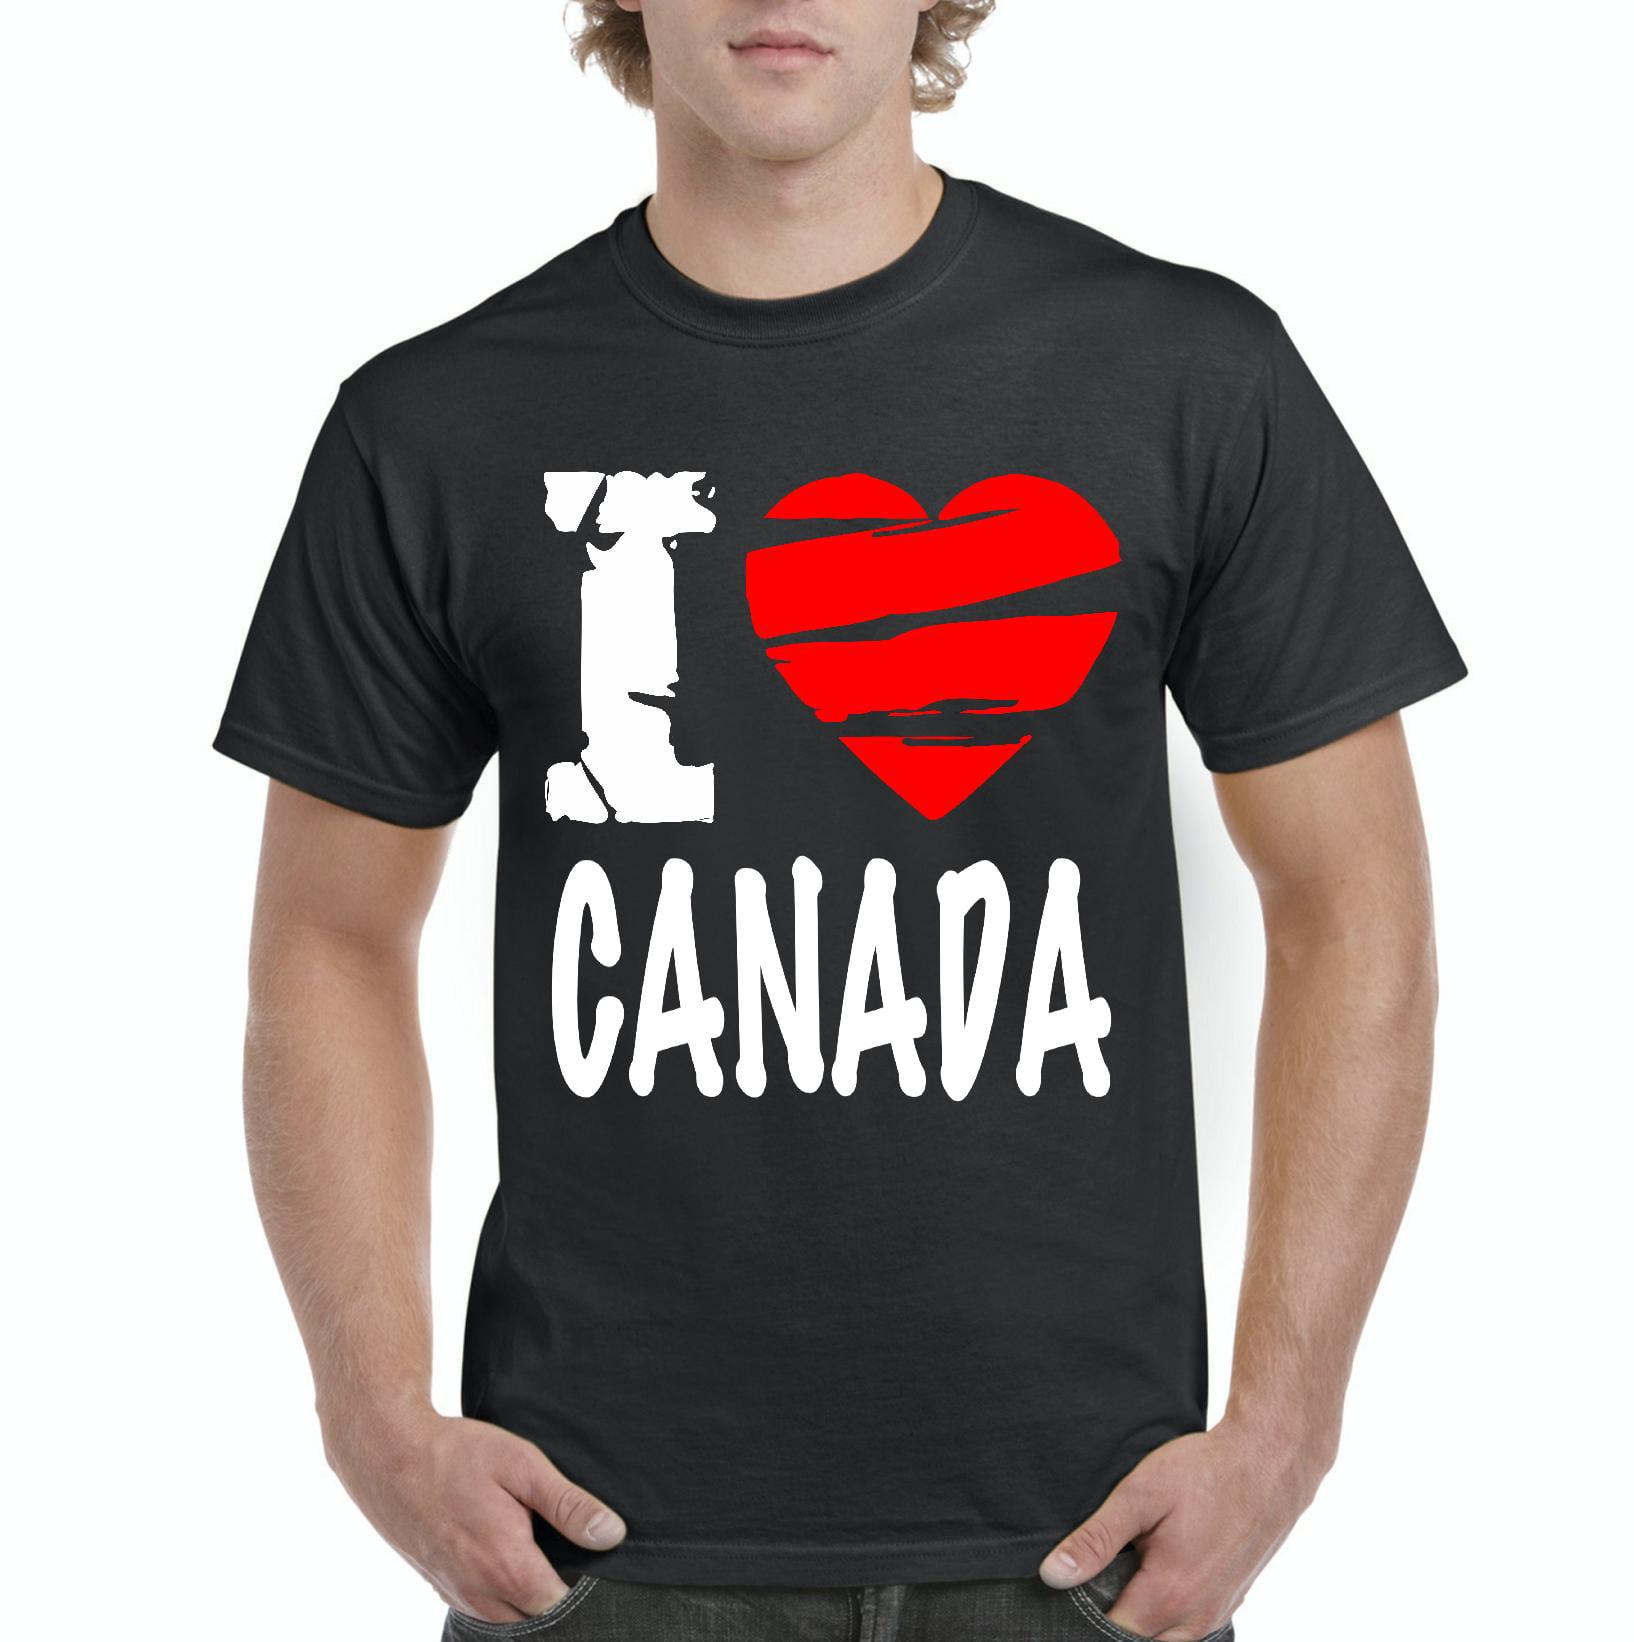 Canada T-Shirt I Love Canada Artix Men's T-Shirt Tee